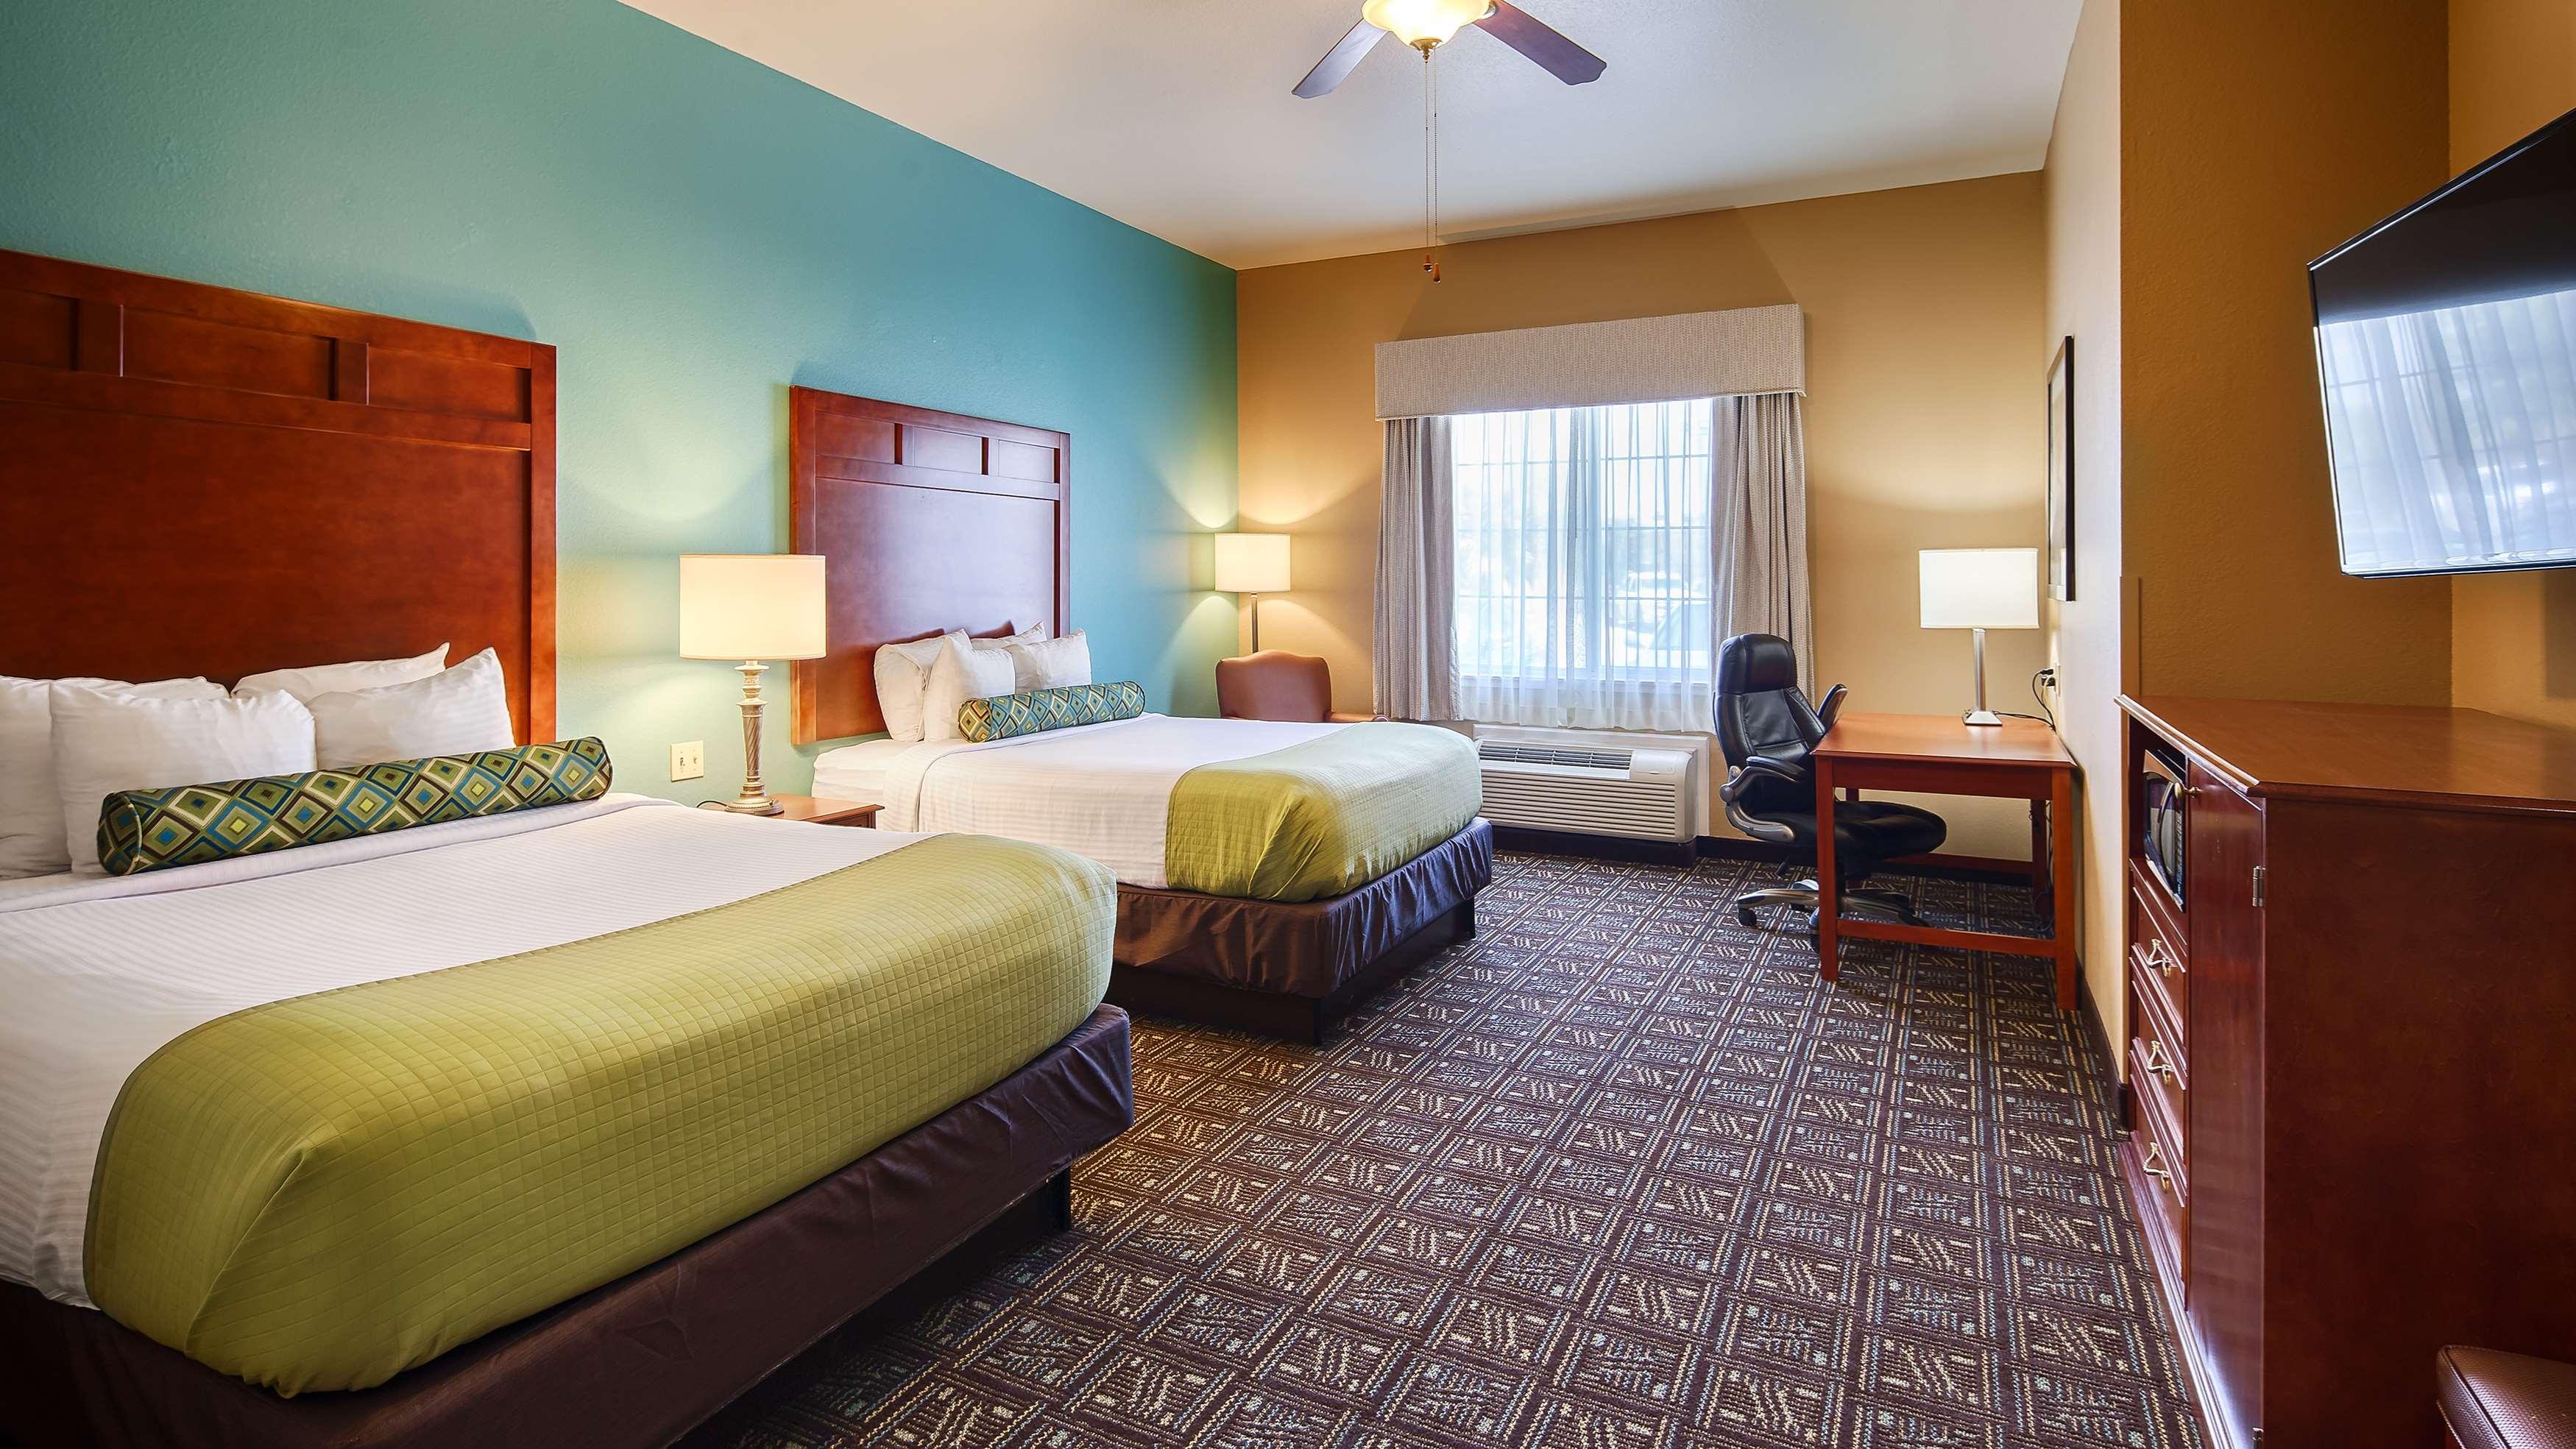 Best Western Plus Monahans Inn & Suites image 5